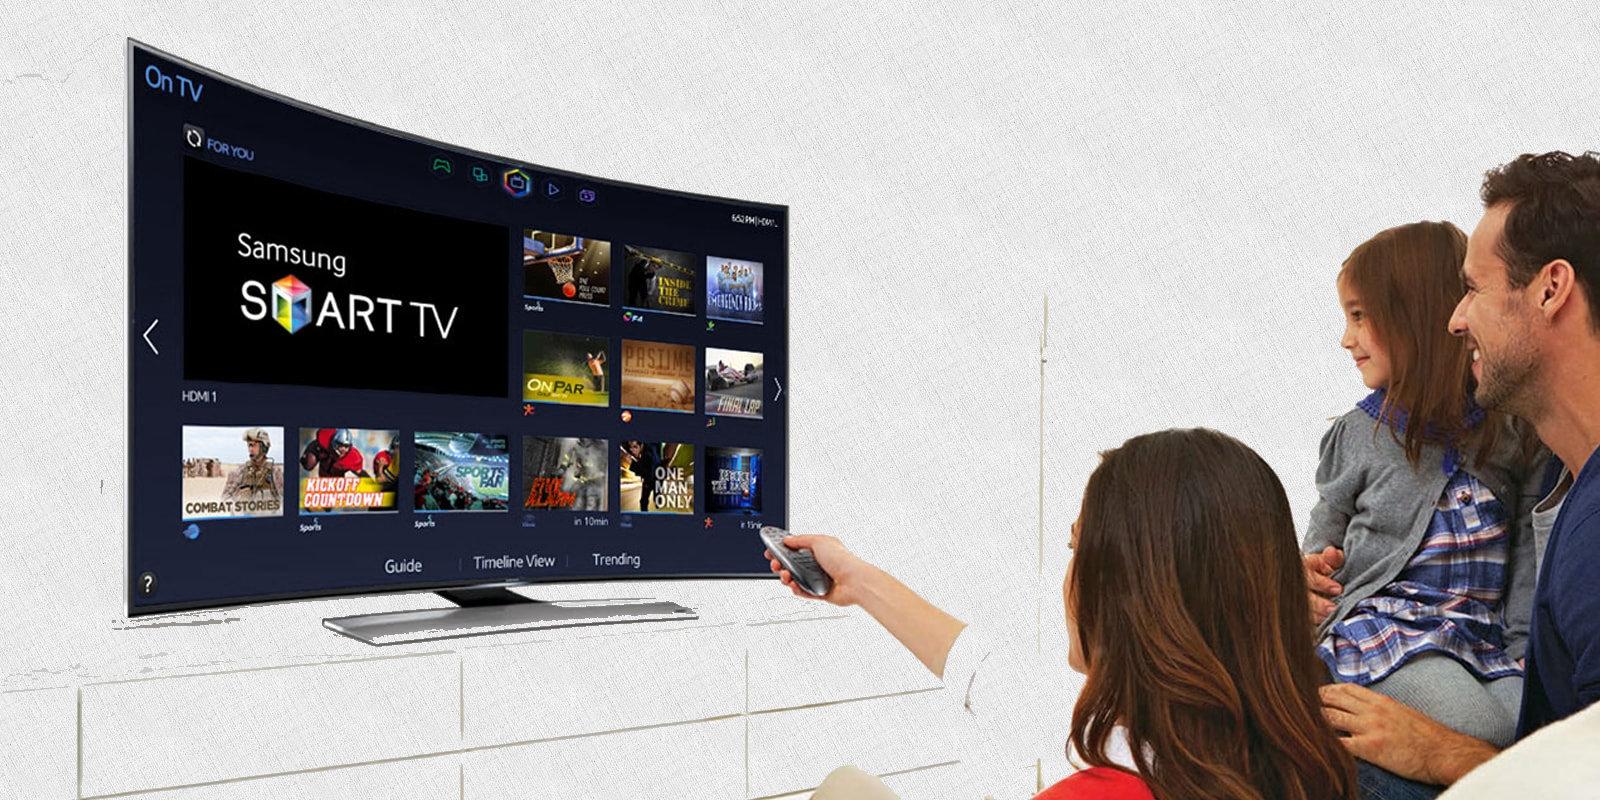 Что такое смарт тв в телевизоре